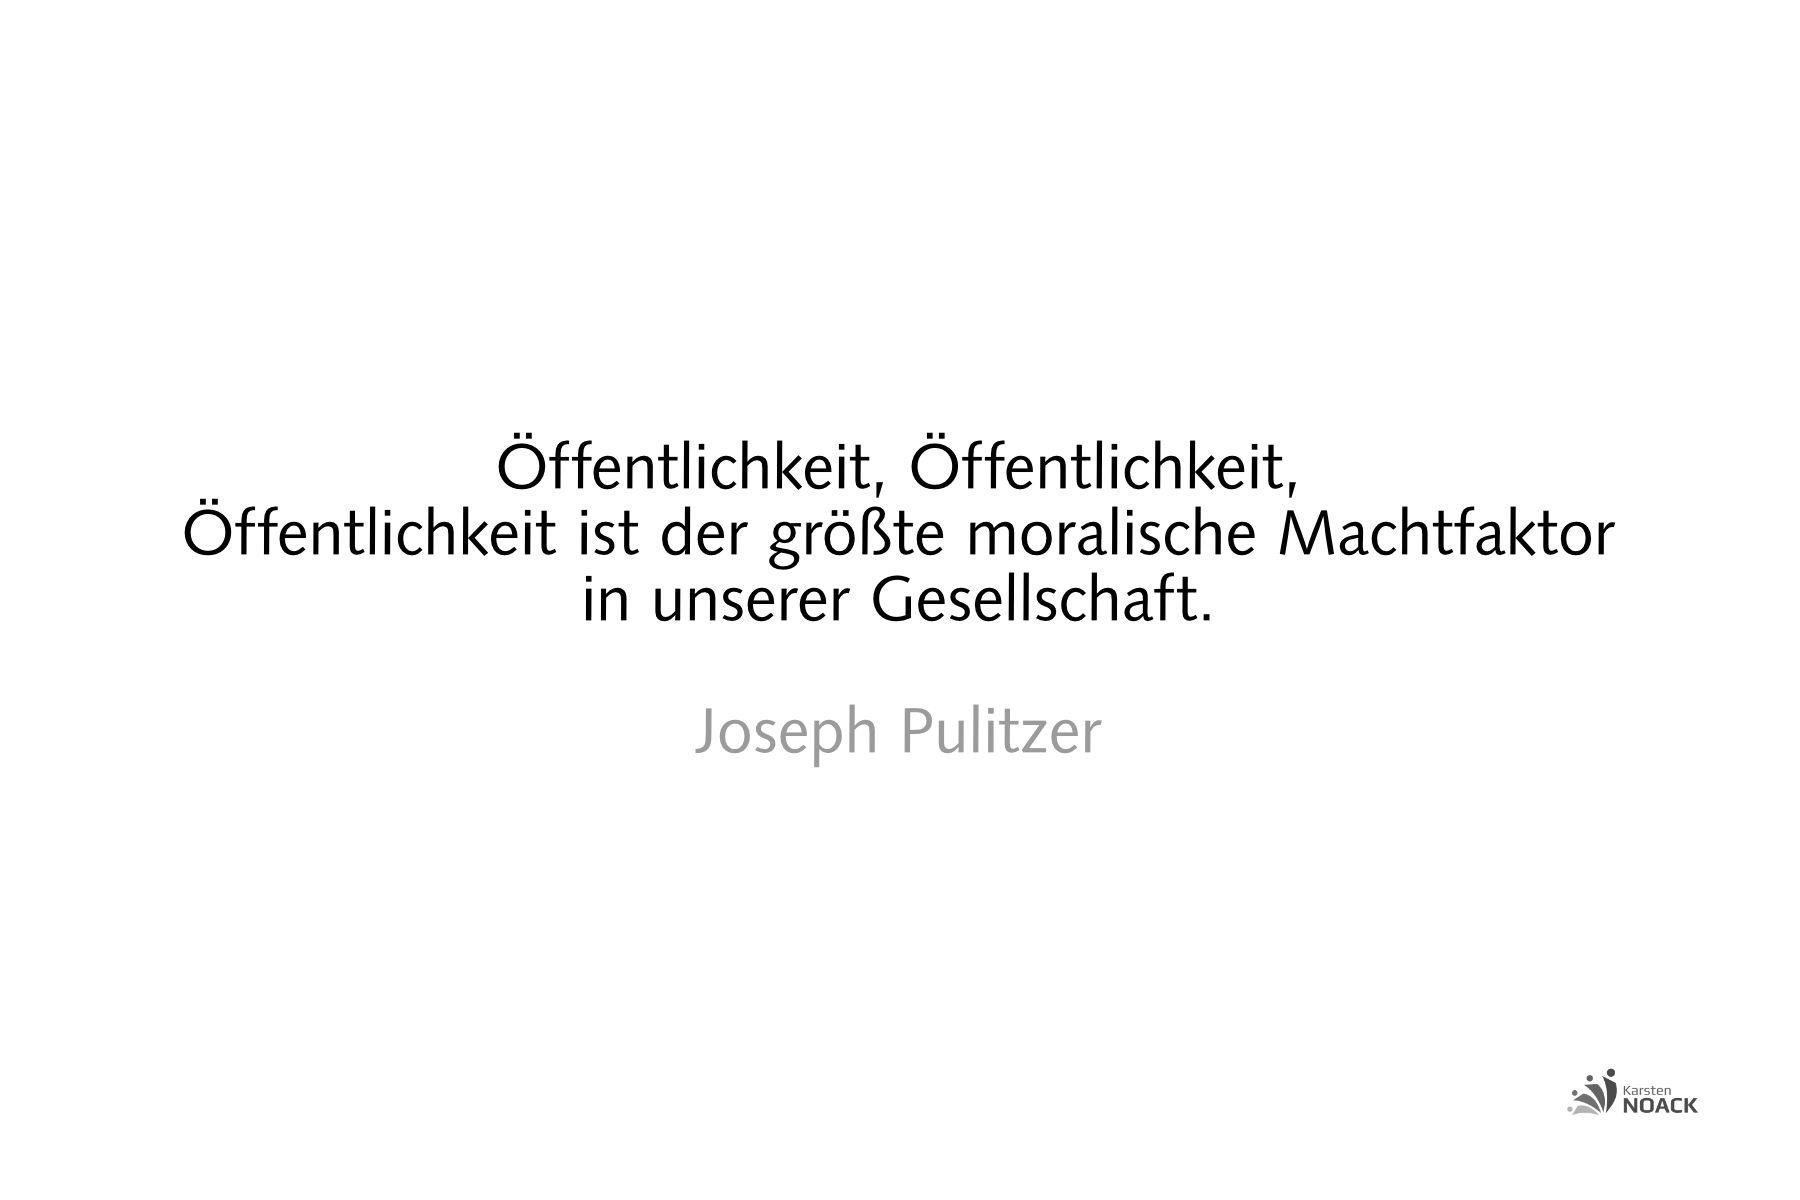 Öffentlichkeit, Öffentlichkeit, Öffentlichkeit - ist der größte moralische Machtfaktor in unserer Gesellschaft. Joseph Pulitzer